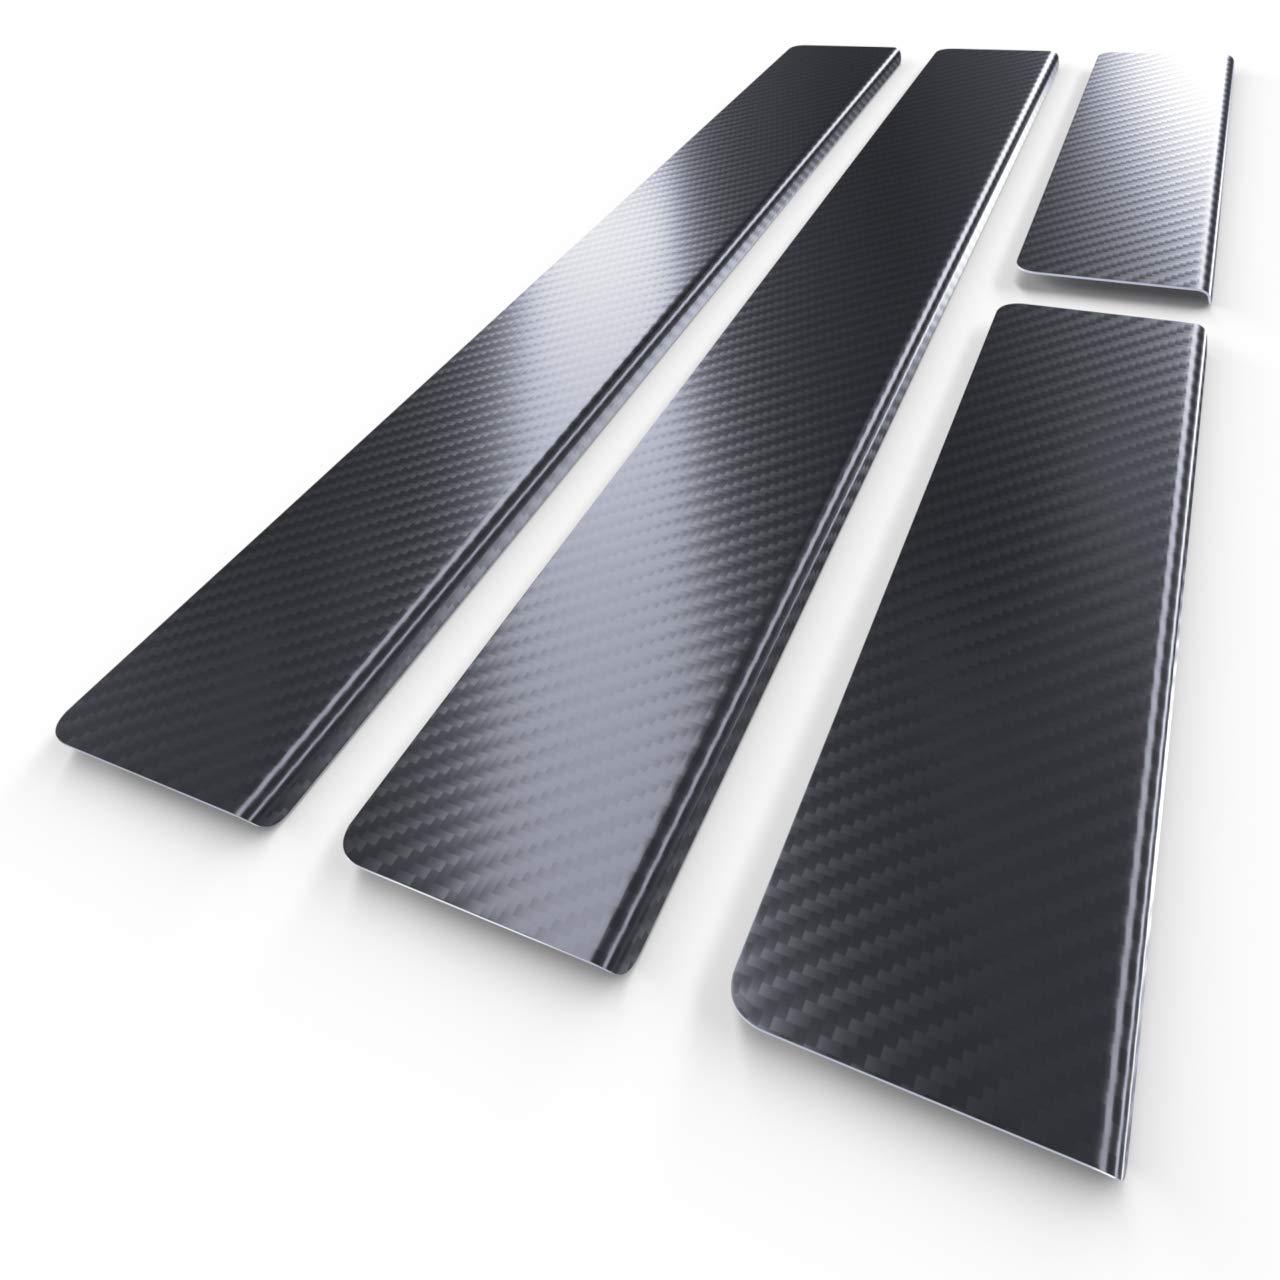 Protectores de acero para umbral de coche 5902538698238 kit de 4 piezas l/ámina de carbono